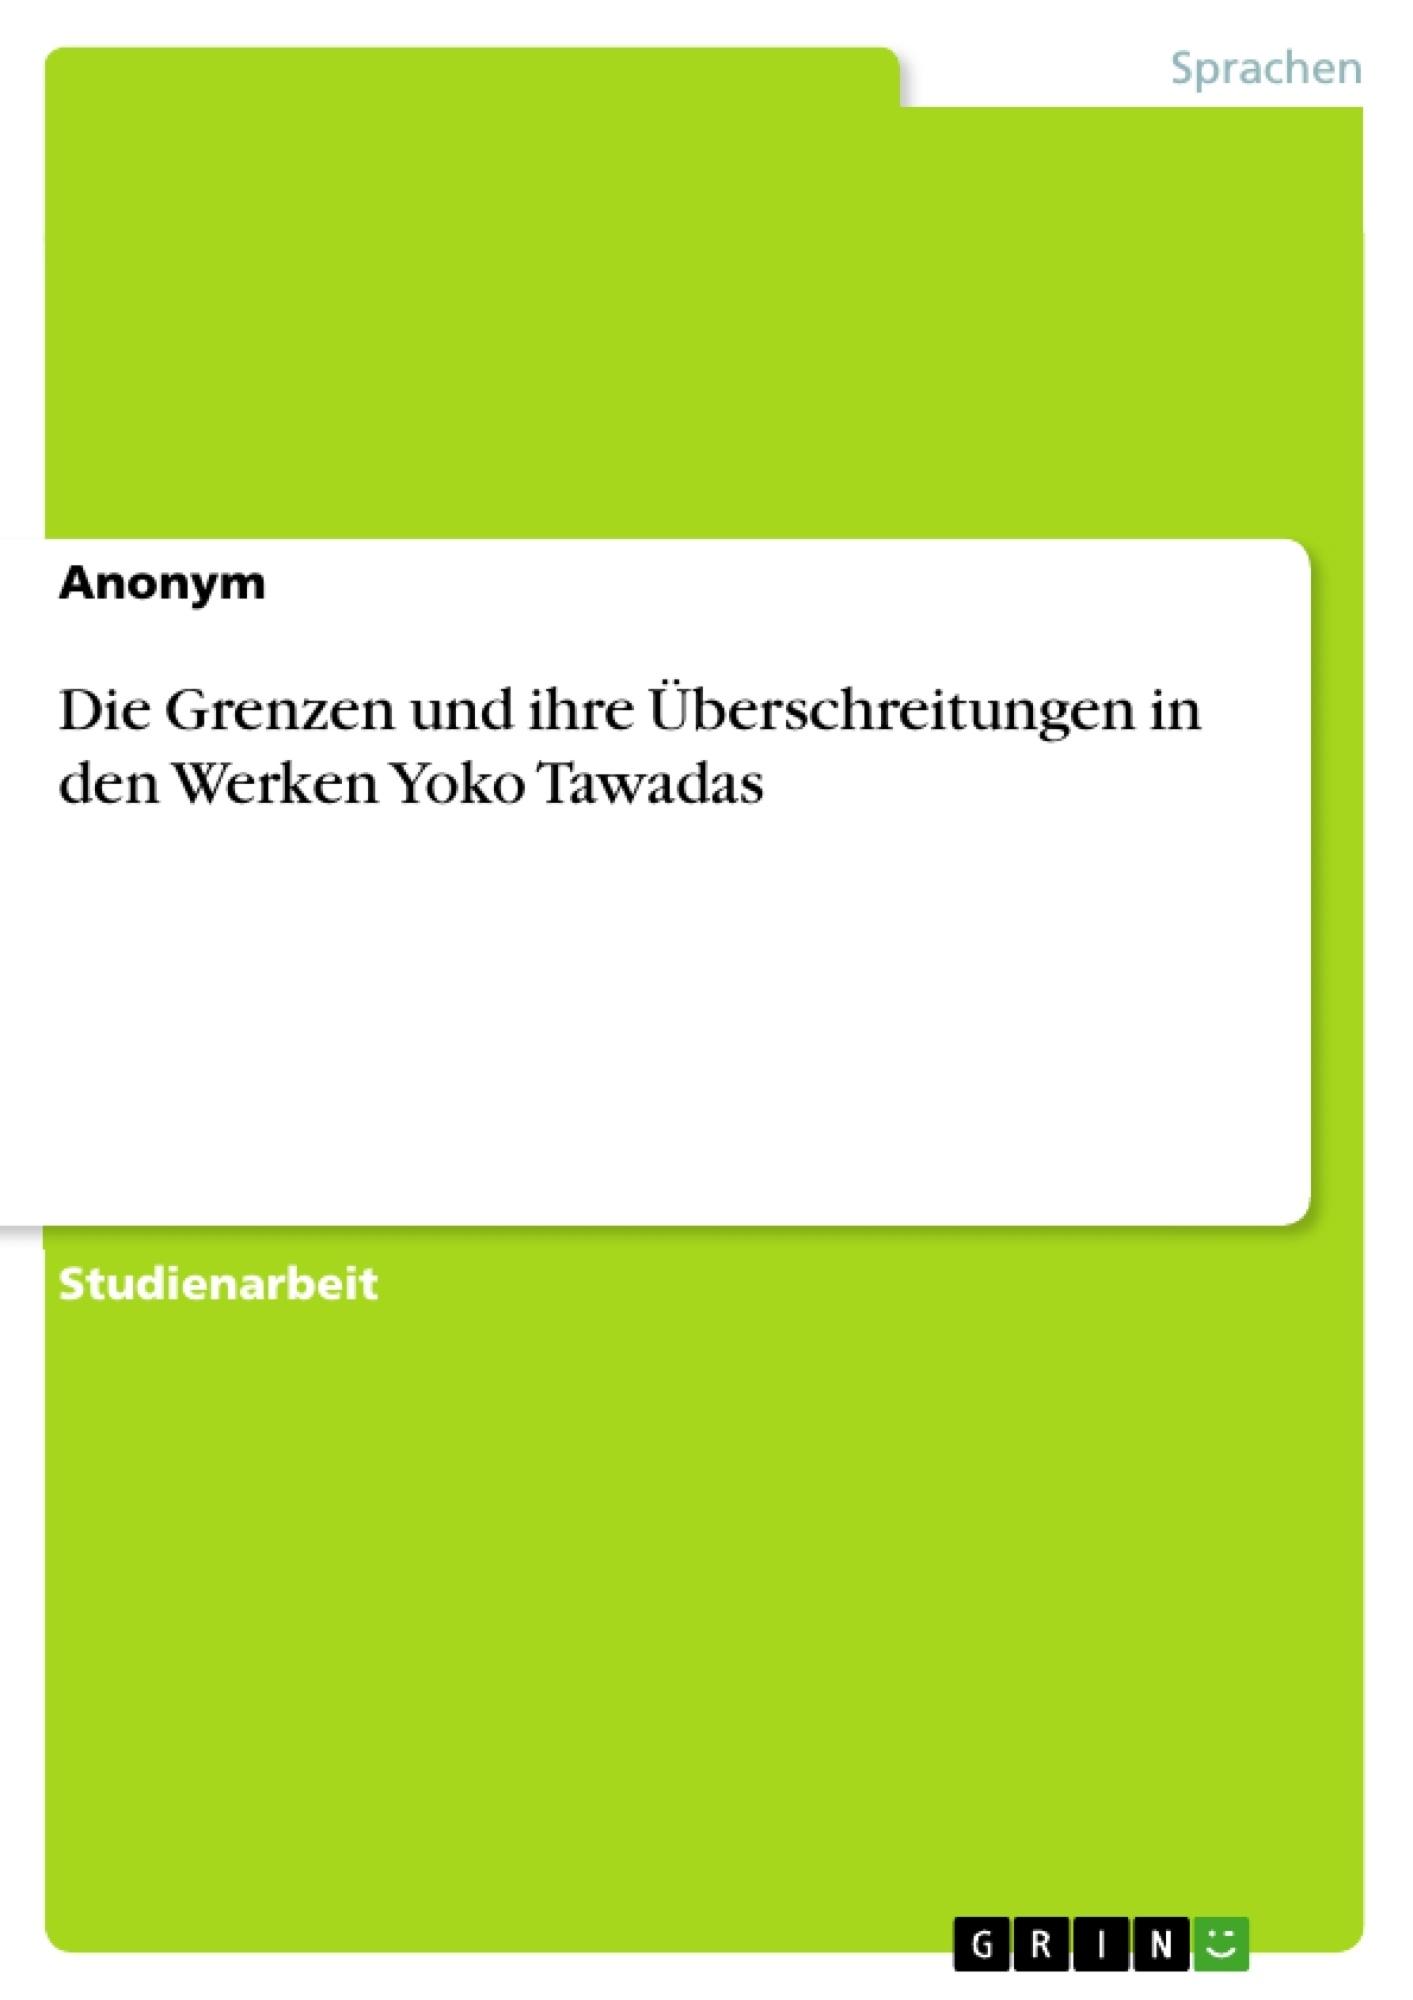 Titel: Die Grenzen und ihre Überschreitungen in den Werken Yoko Tawadas